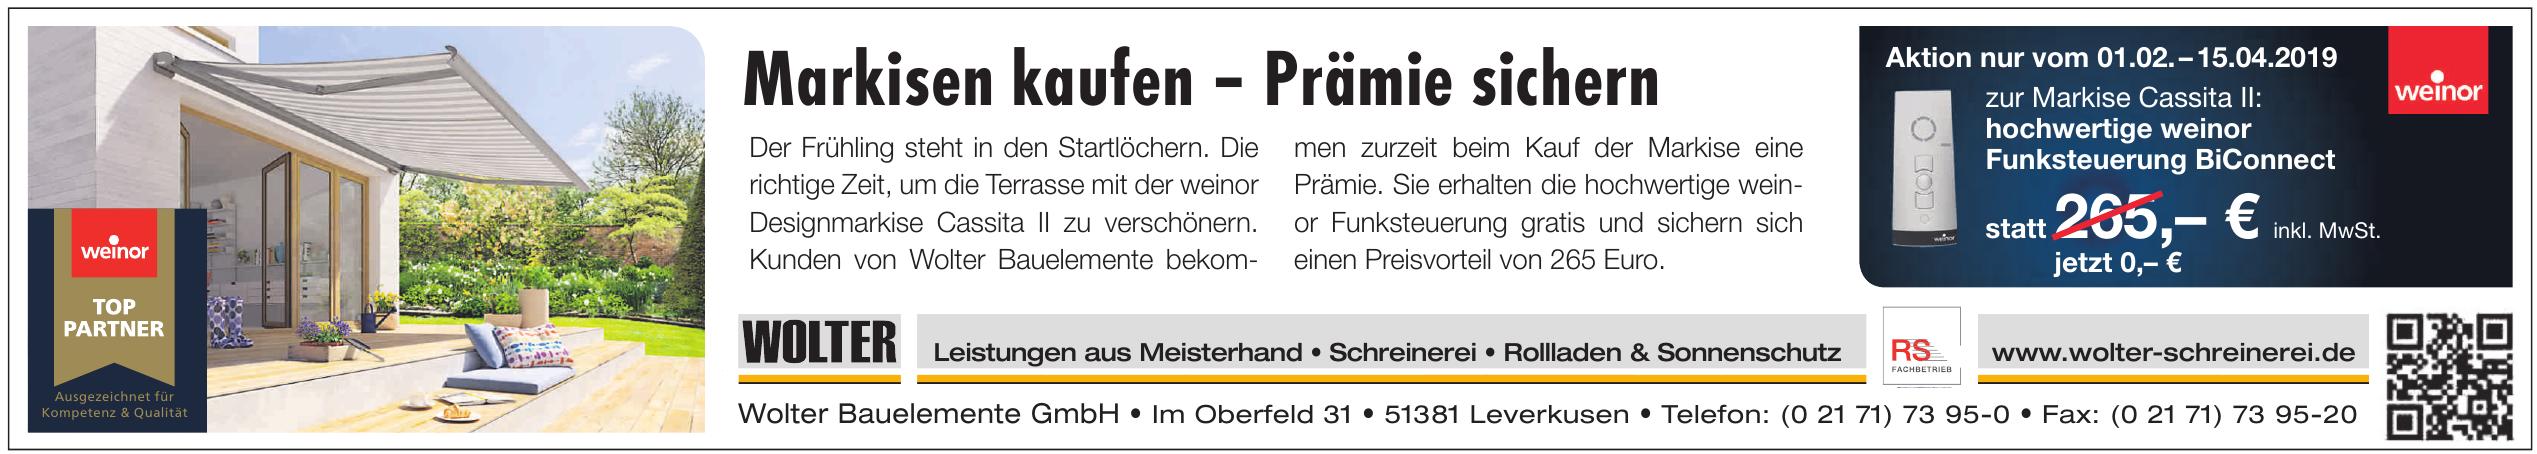 Wolter Bauelemente GmbH